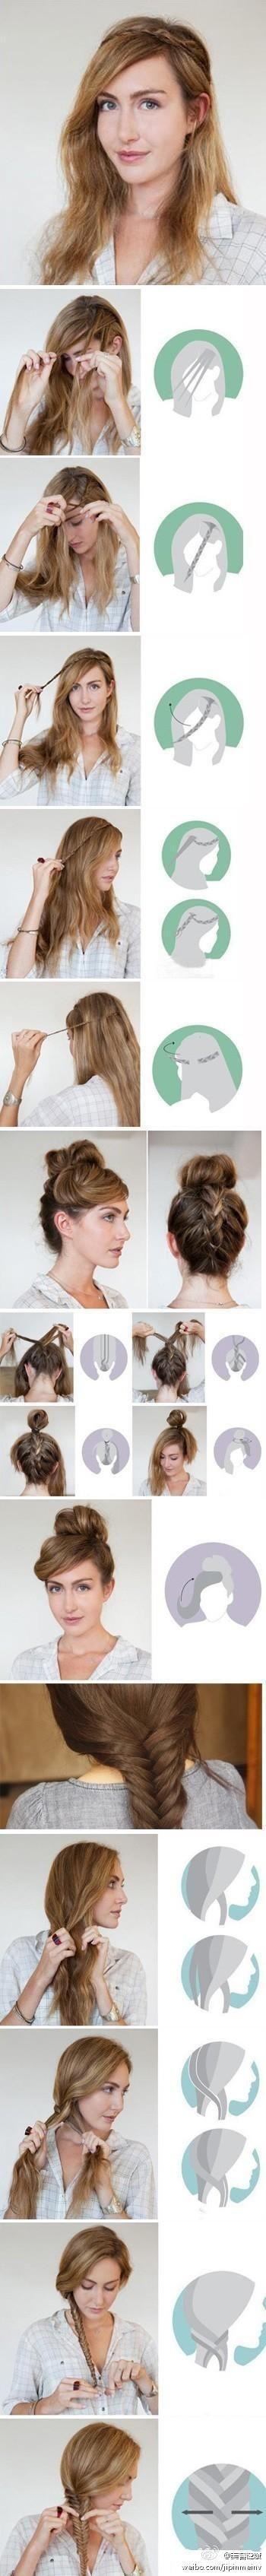 I love hair tutorials! Cute Ideas :)